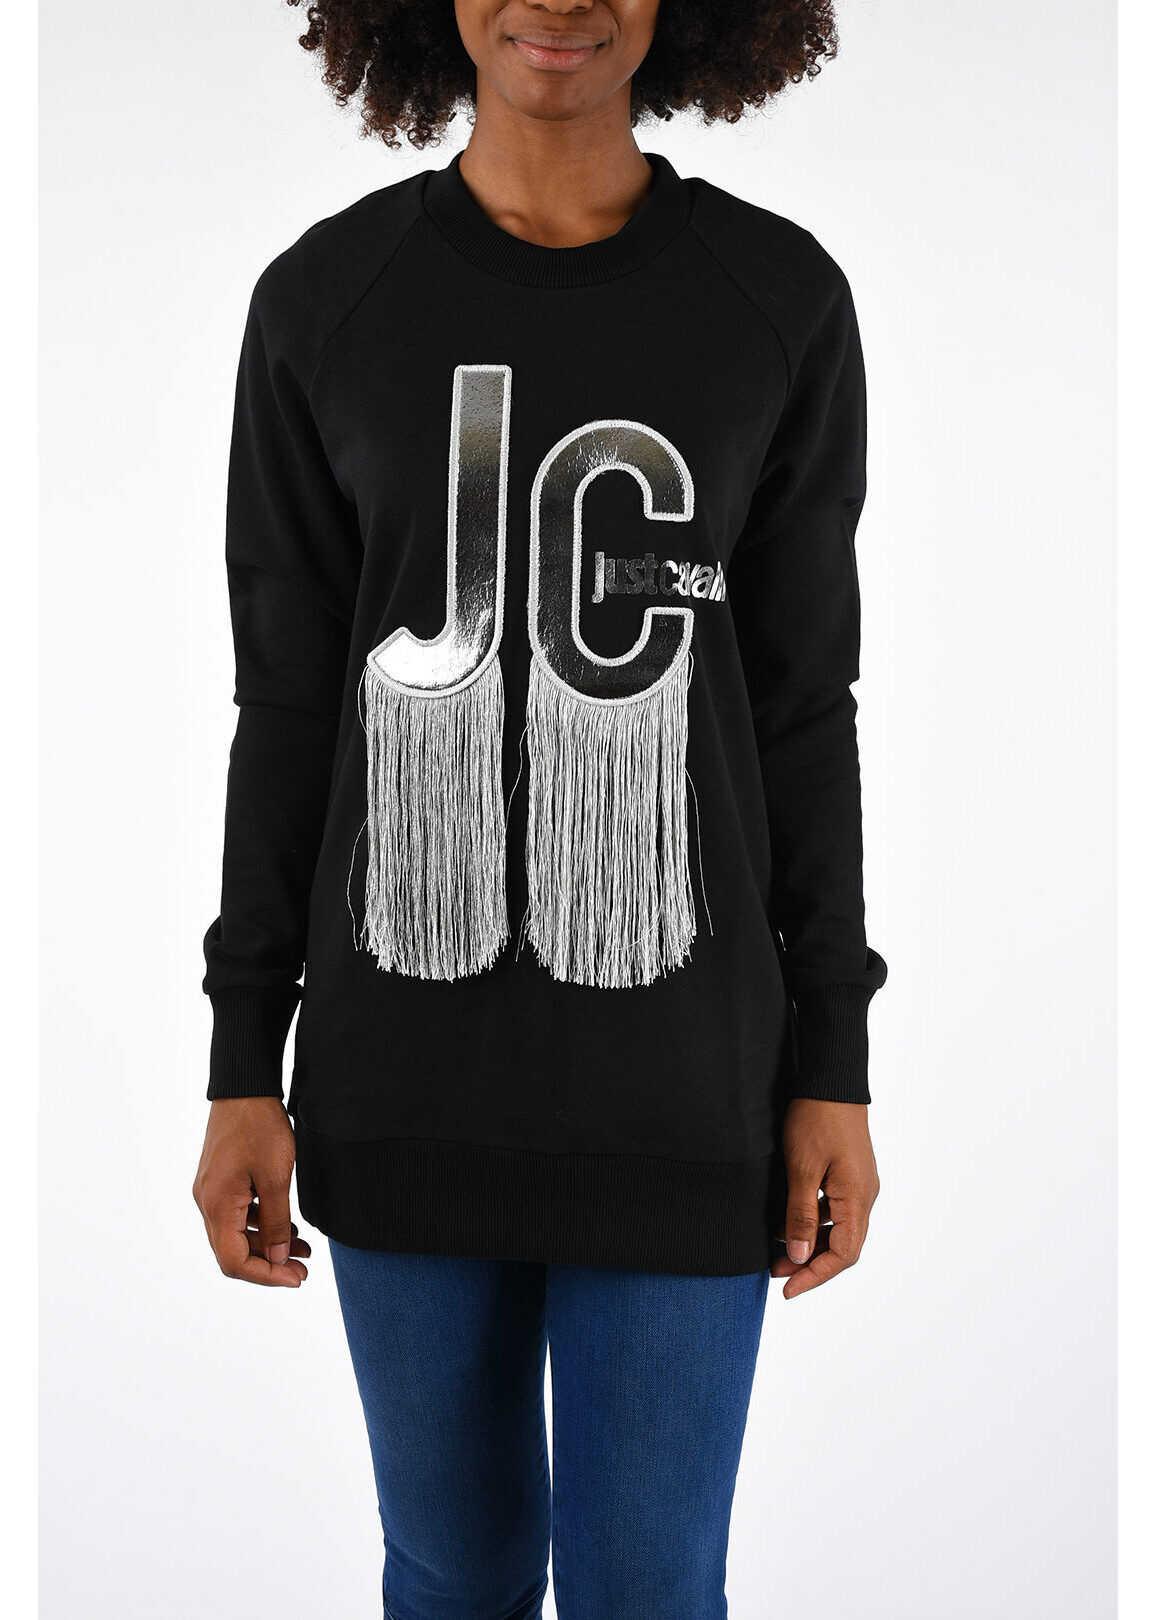 Just Cavalli Fringe Sweatshirt* BLACK